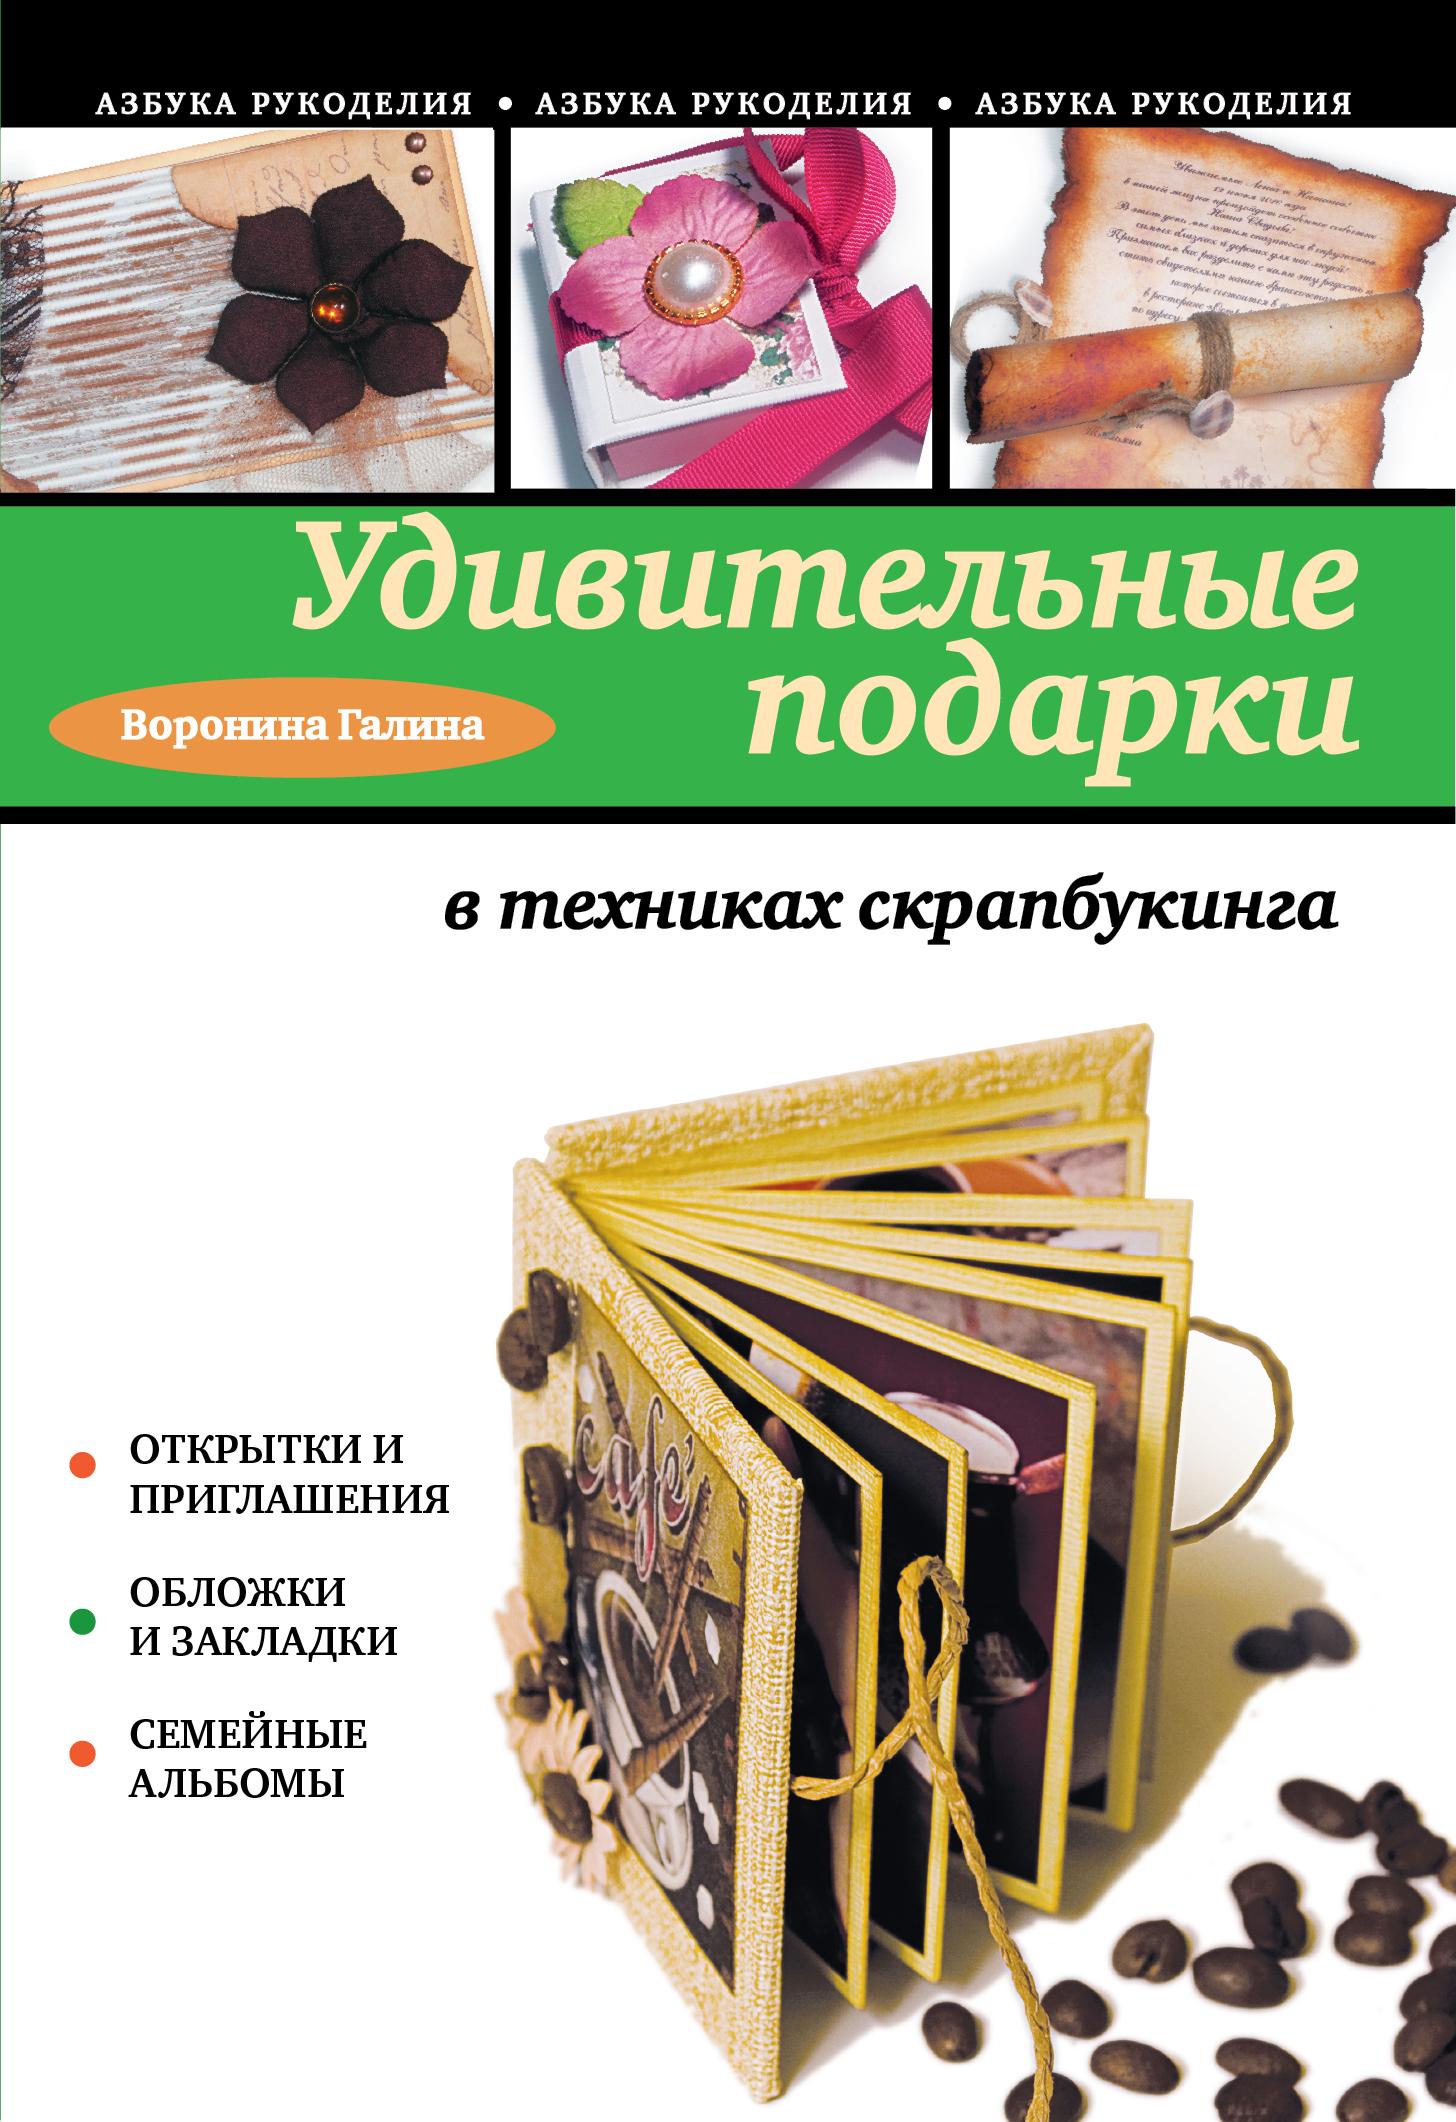 Оригинальные подарки в техниках скрапбукинга ( Воронина Г.  )